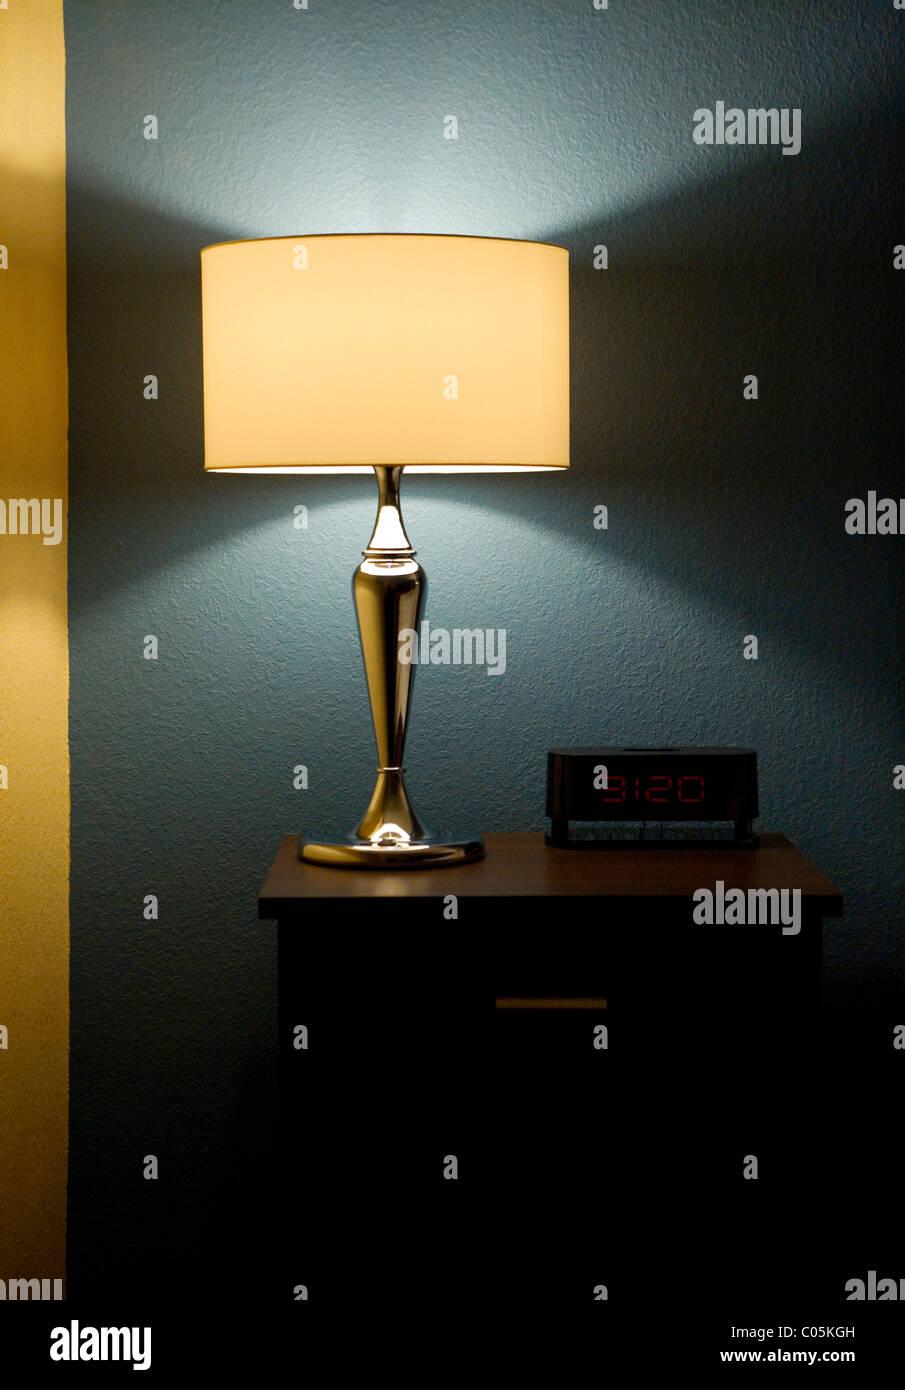 Lampe, horloge numérique, et de fin de table à côté d'un lit. Photo Stock